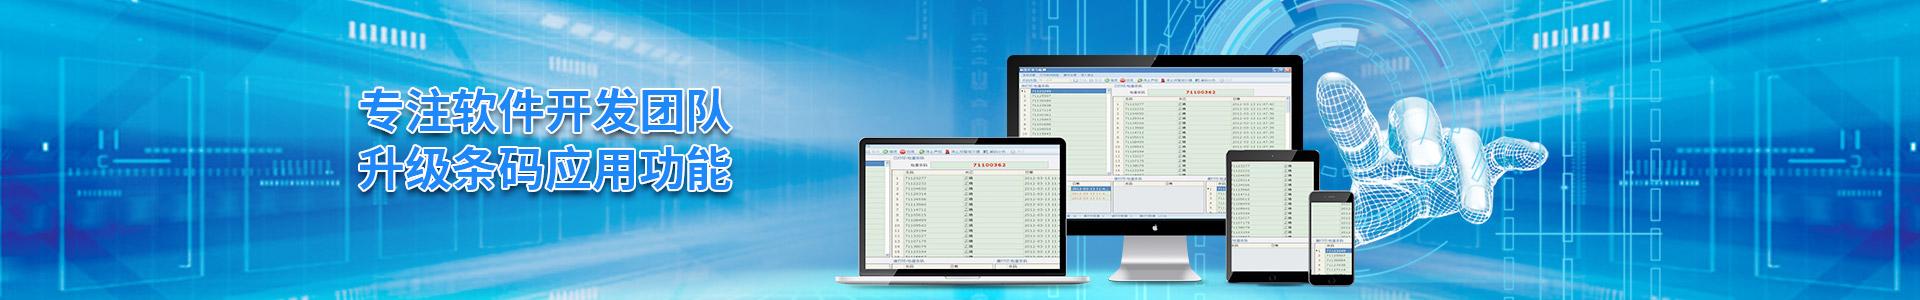 卓科专注软件开发团队 升级条码应用功能